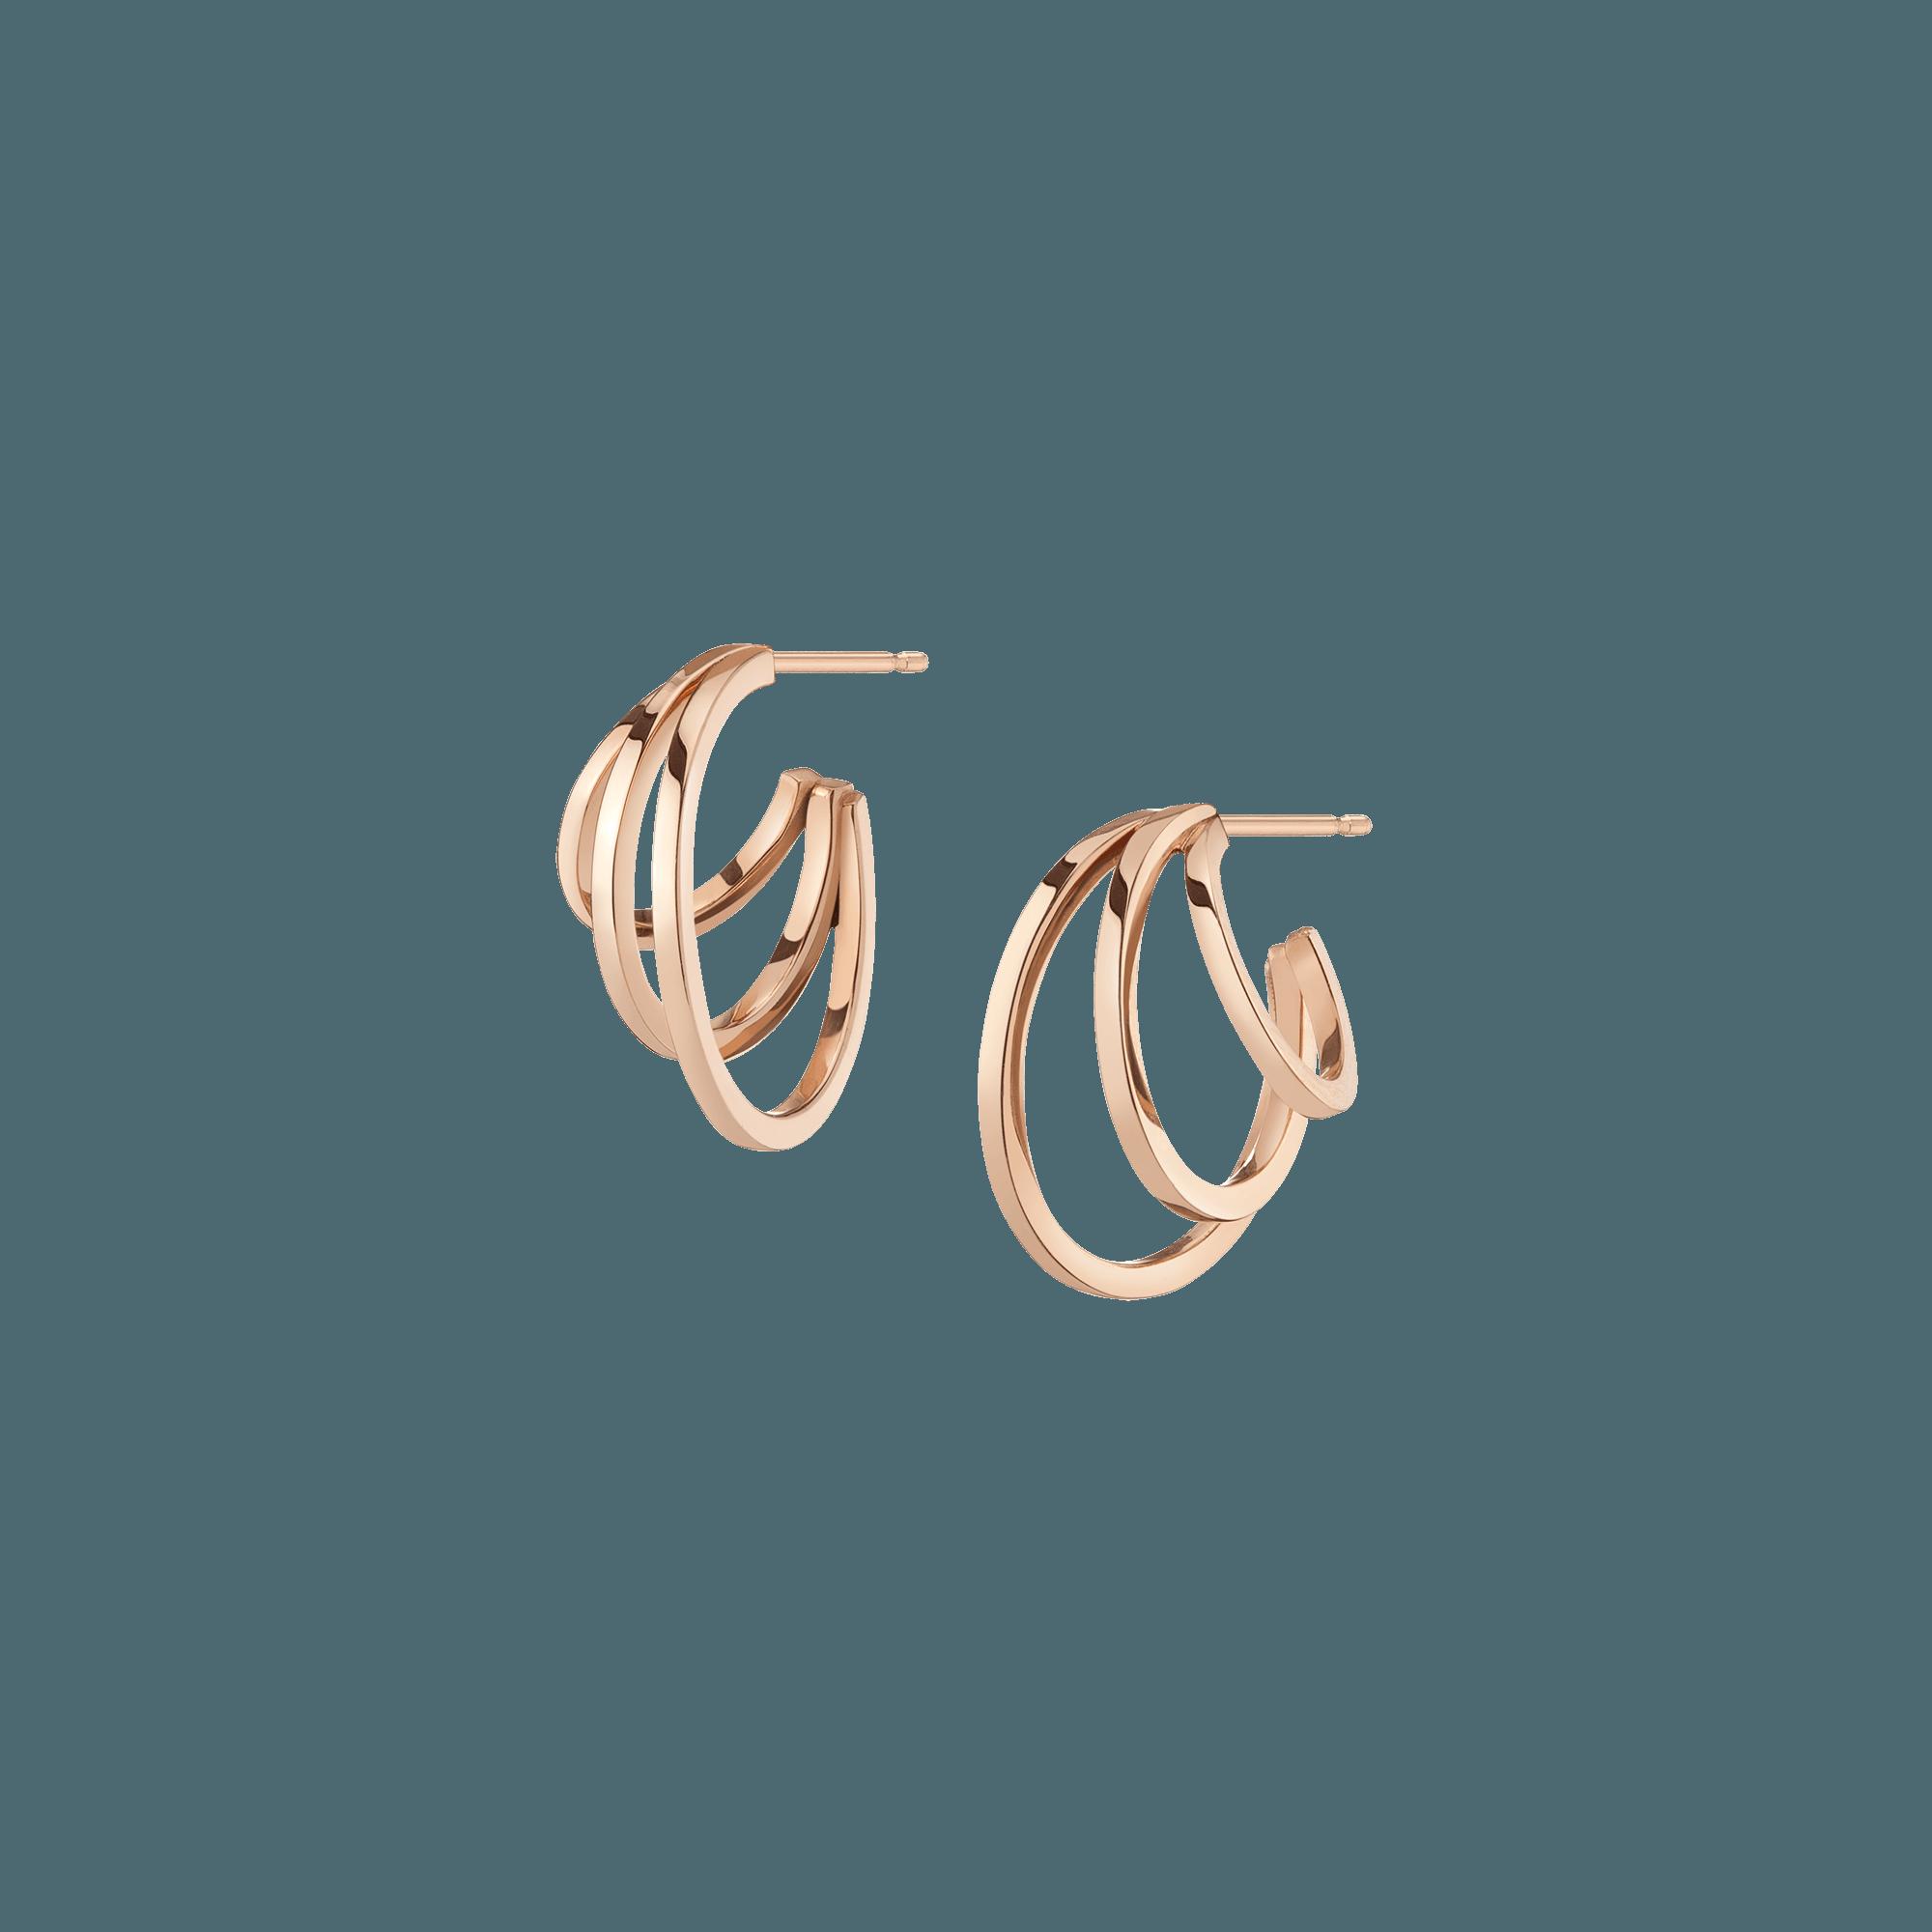 Deco Triple Gold Hoop Earrings In 2021 Triple Hoop Earrings Flower Earrings Gold Gold Hoop Earrings